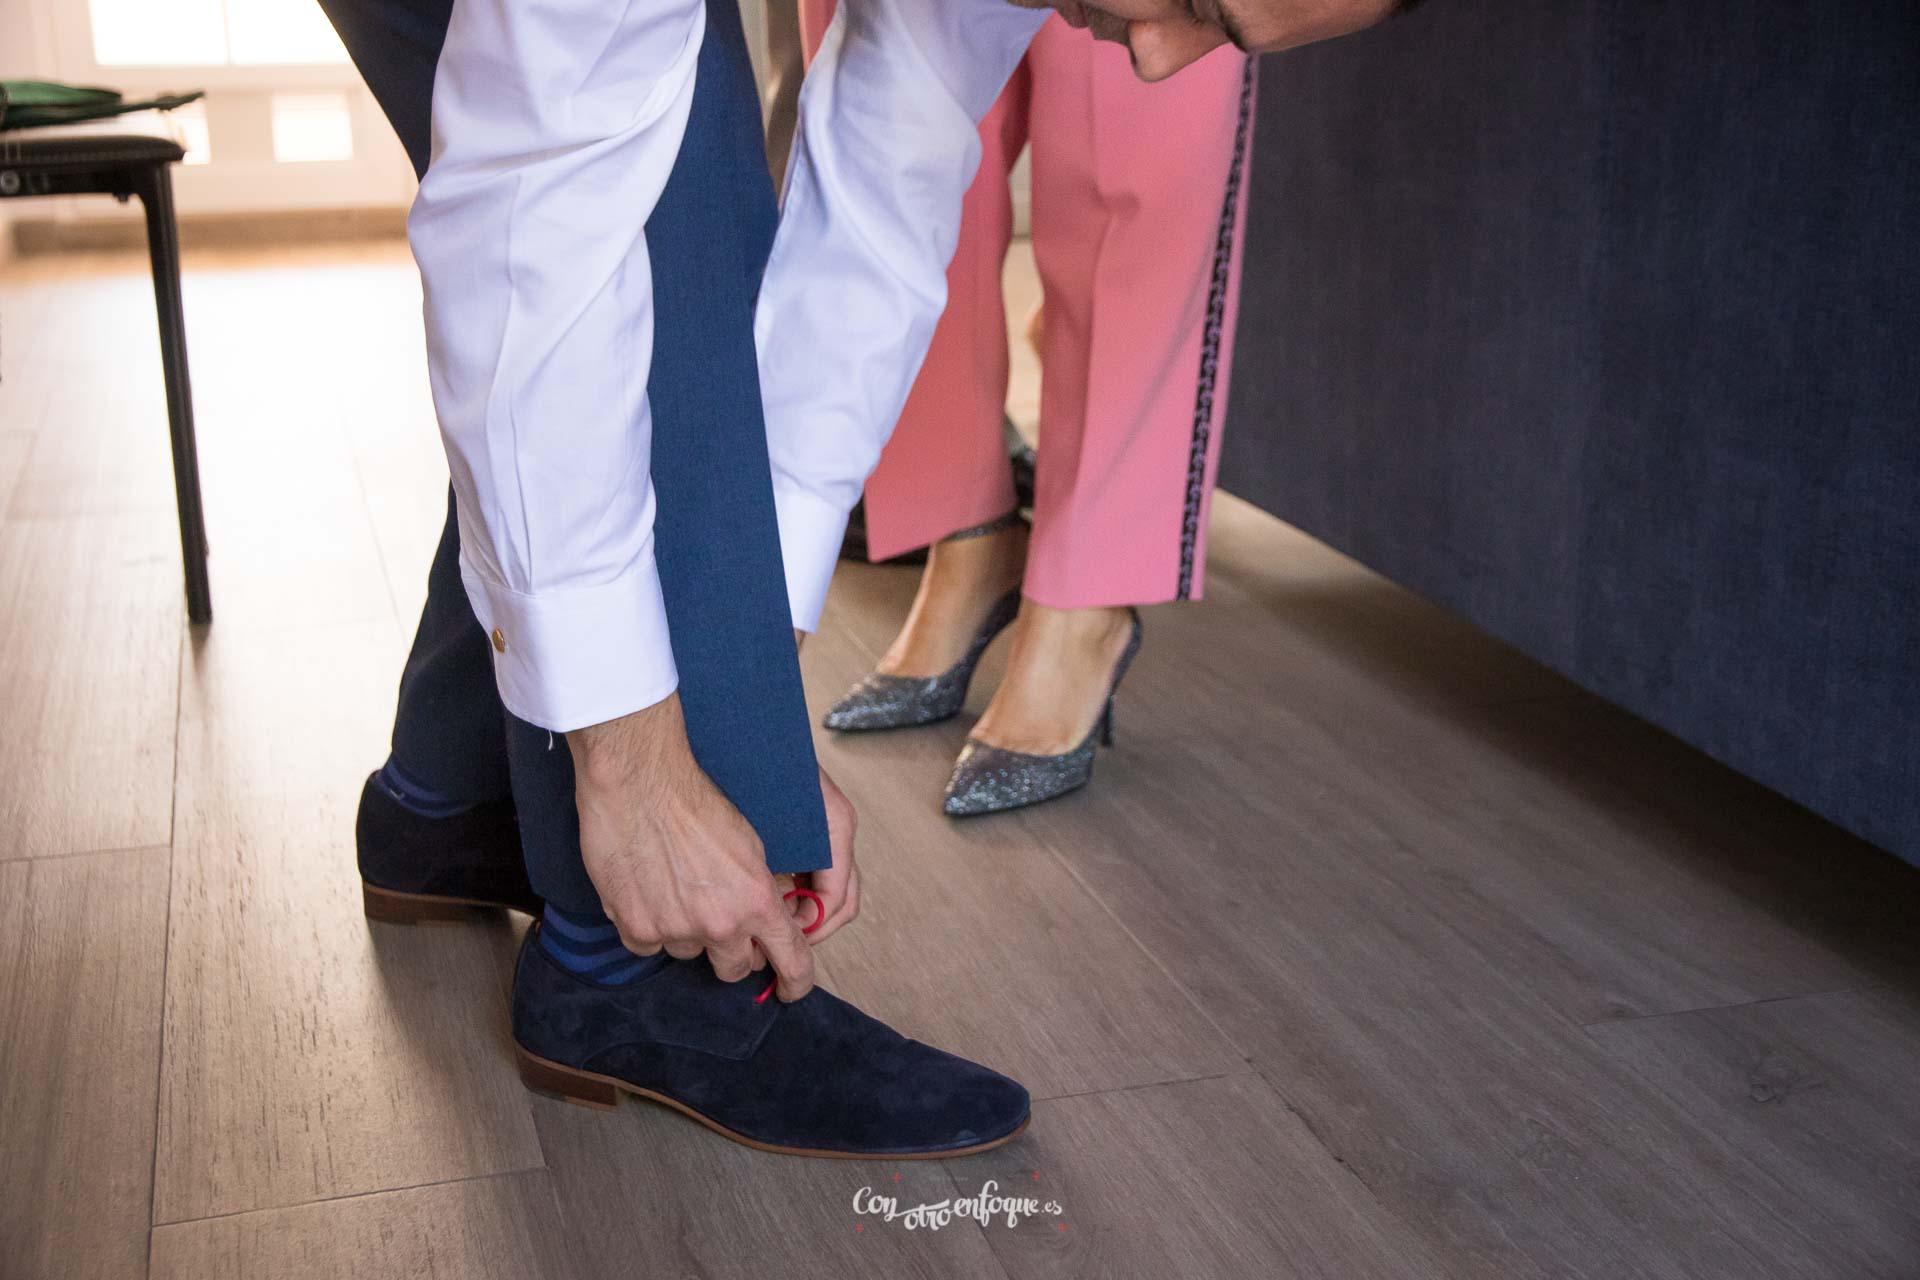 boda civil en Valencia. El novio se prepara para la boda